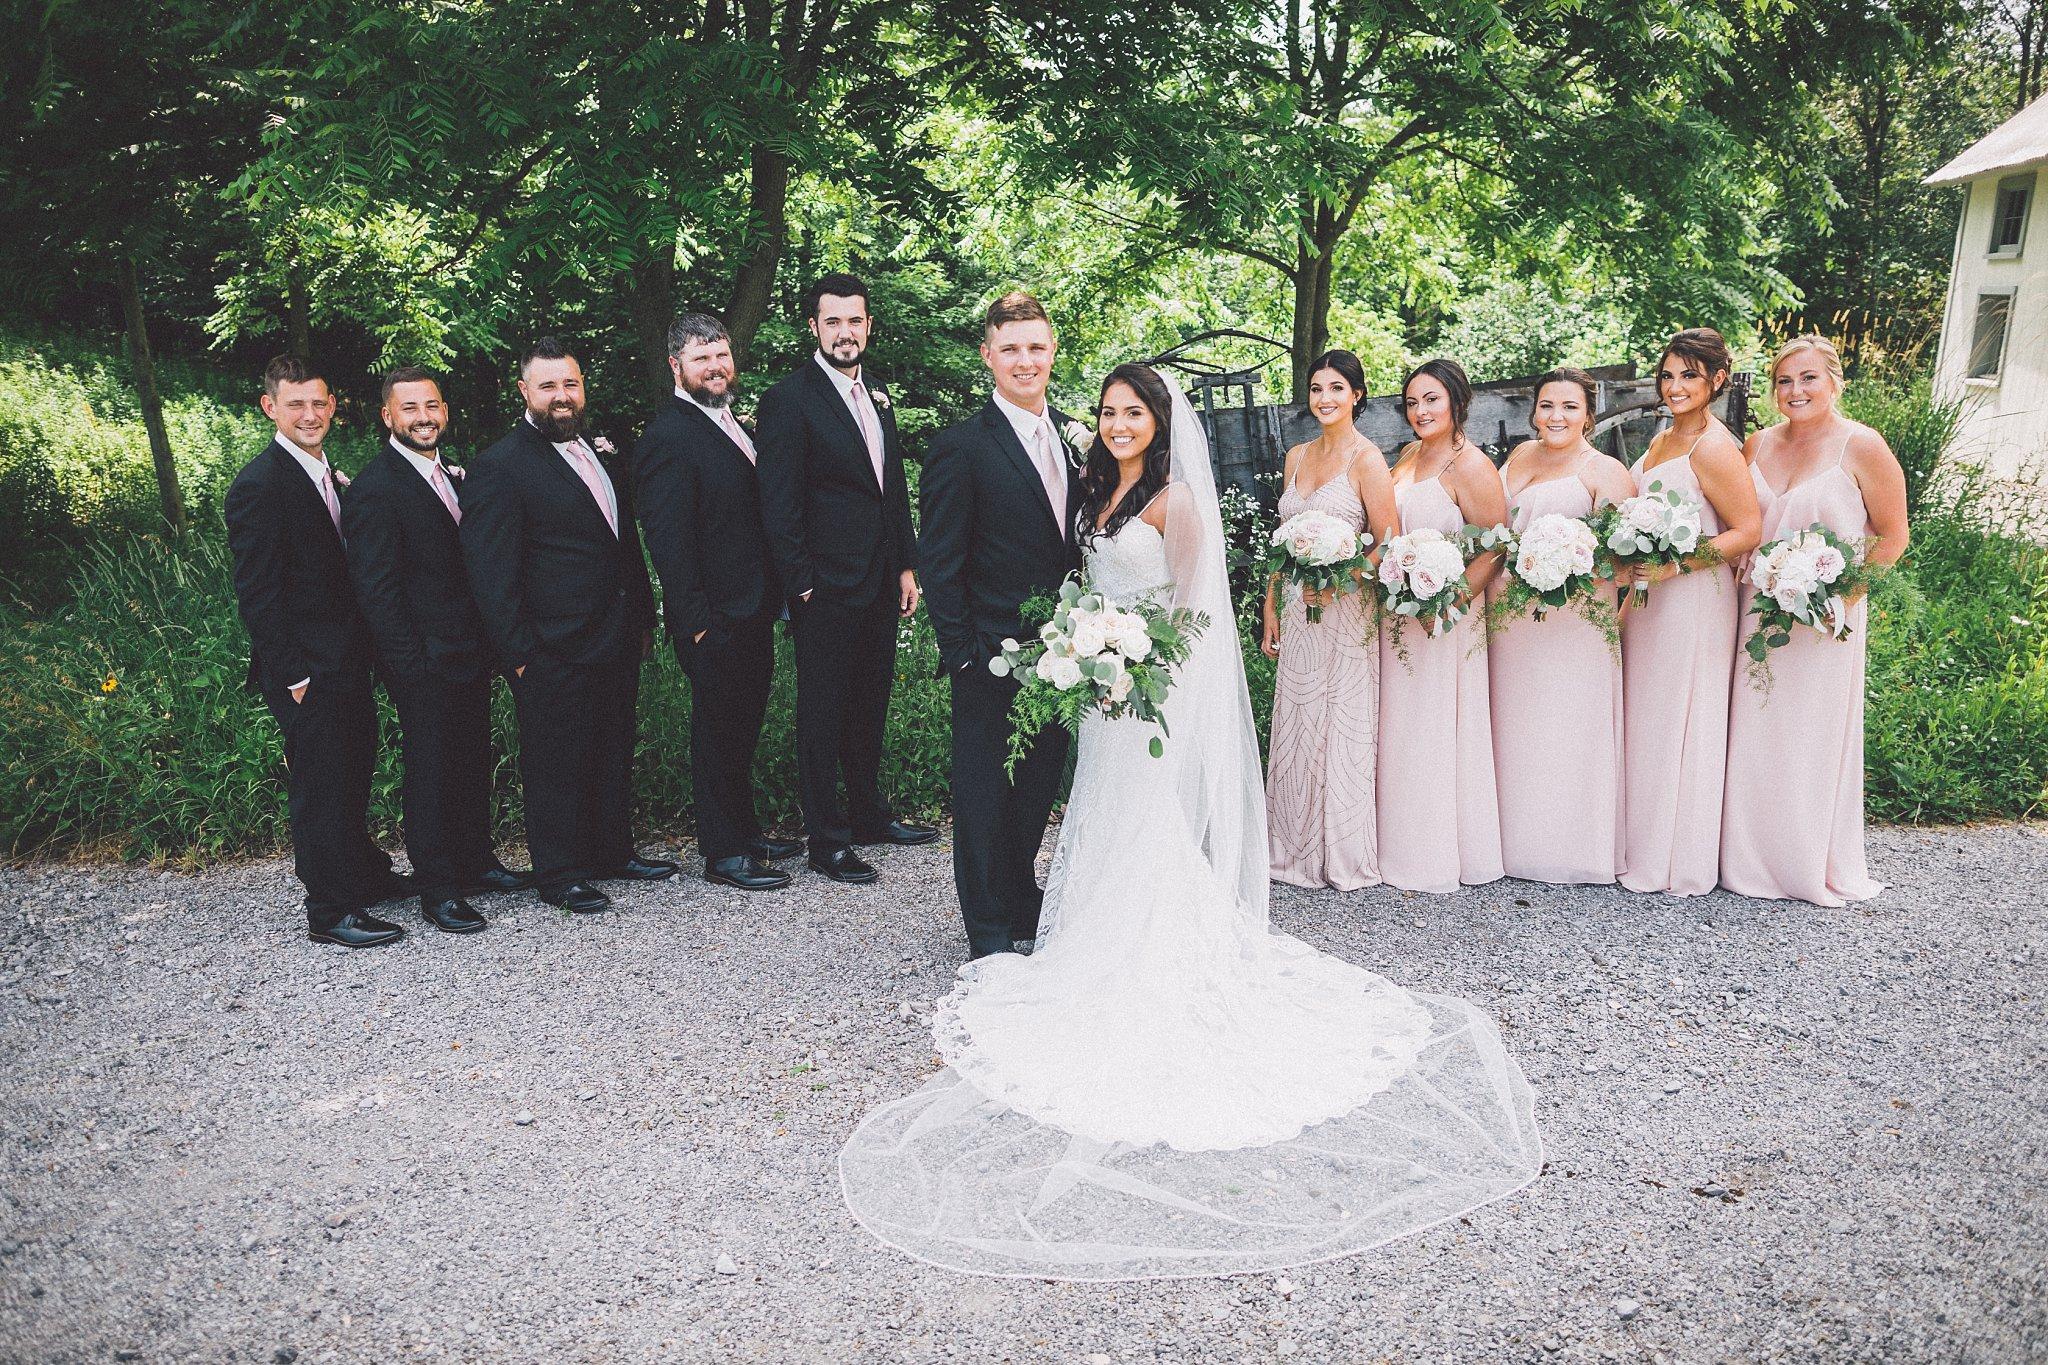 finger lakes wedding photography larkin and trevor_0229.jpg